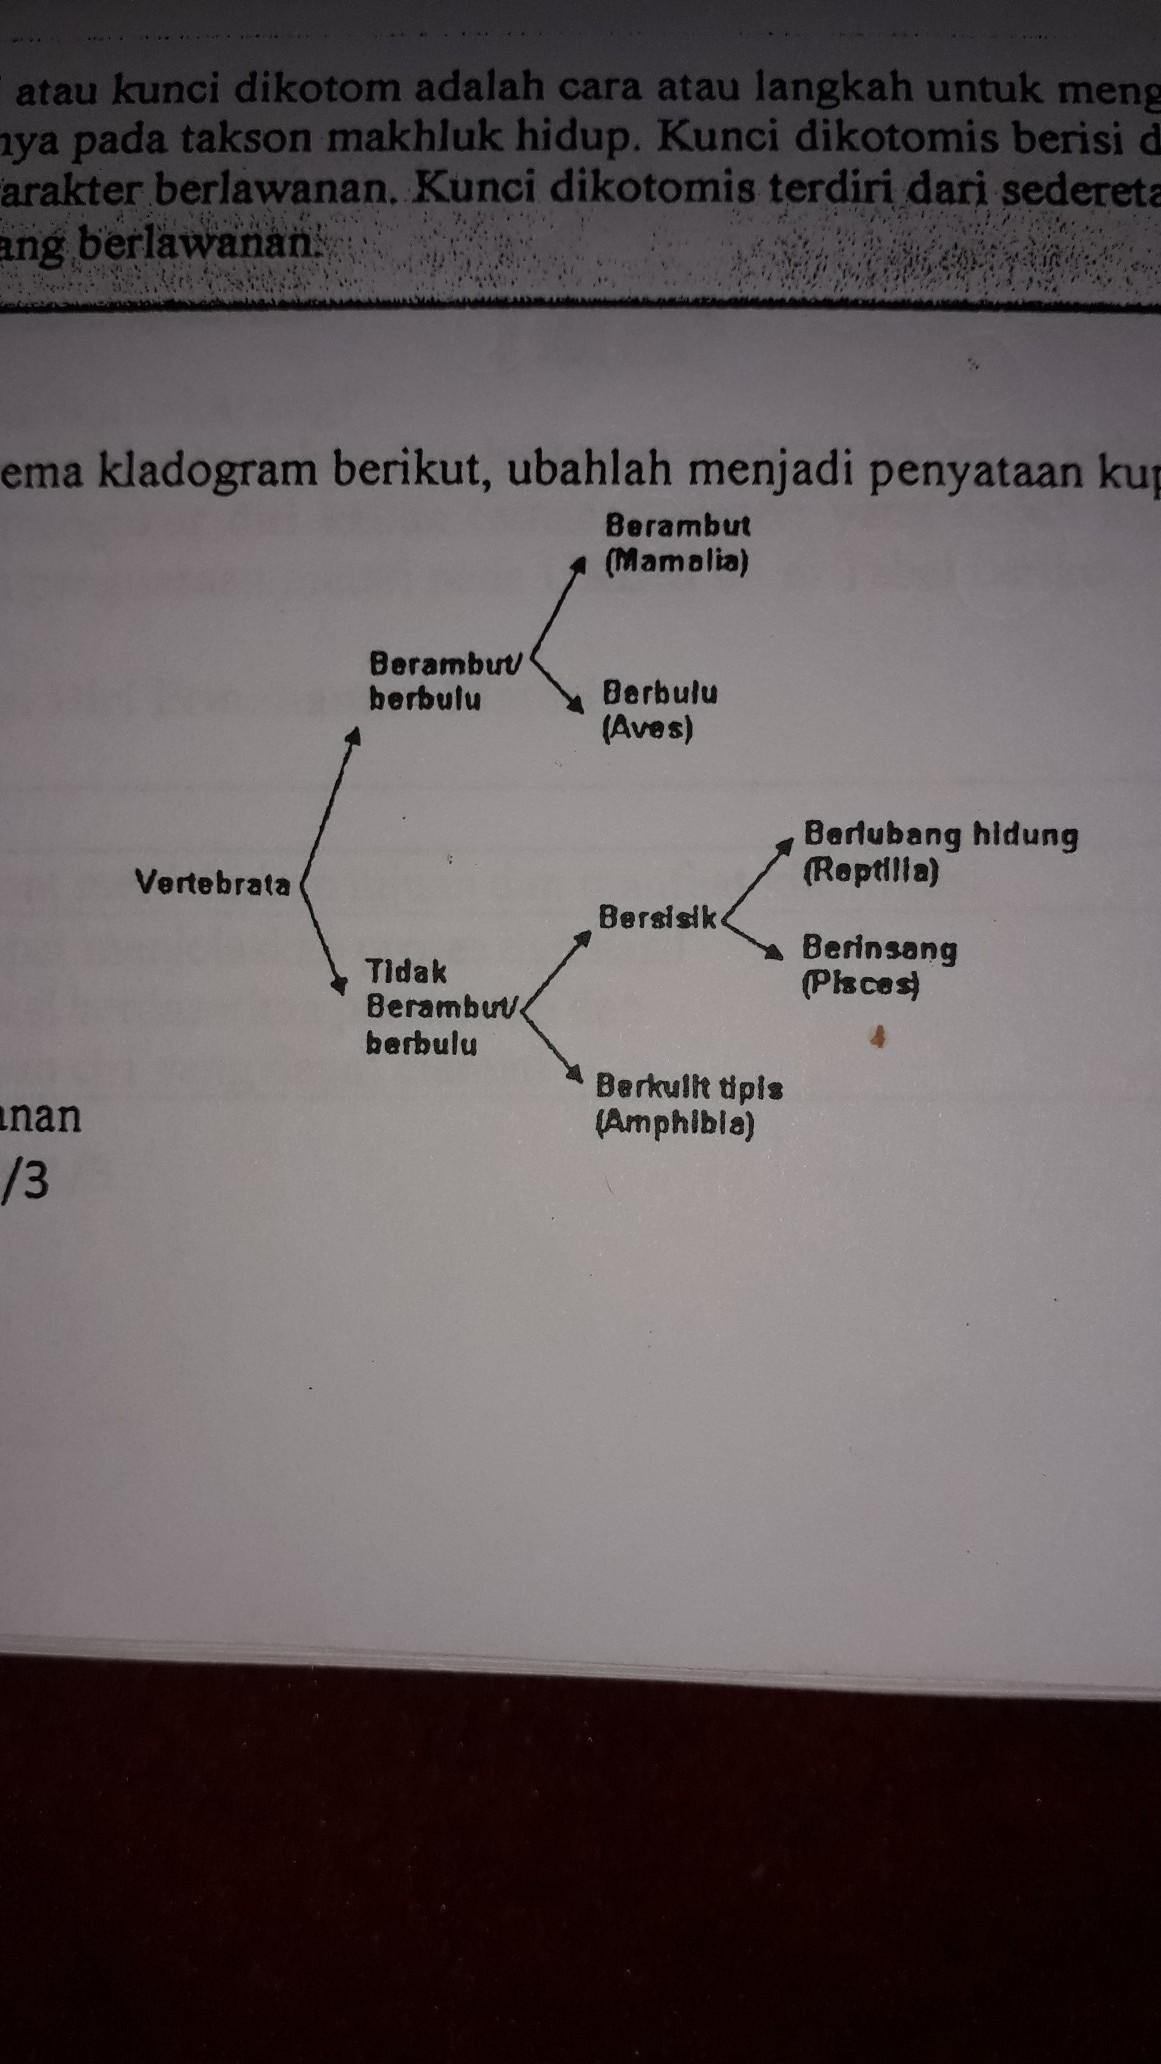 Contoh Kunci Dikotom : contoh, kunci, dikotom, Contoh, Kunci, Determinasi, Beserta, Jawabannya, Kanal, Jabar